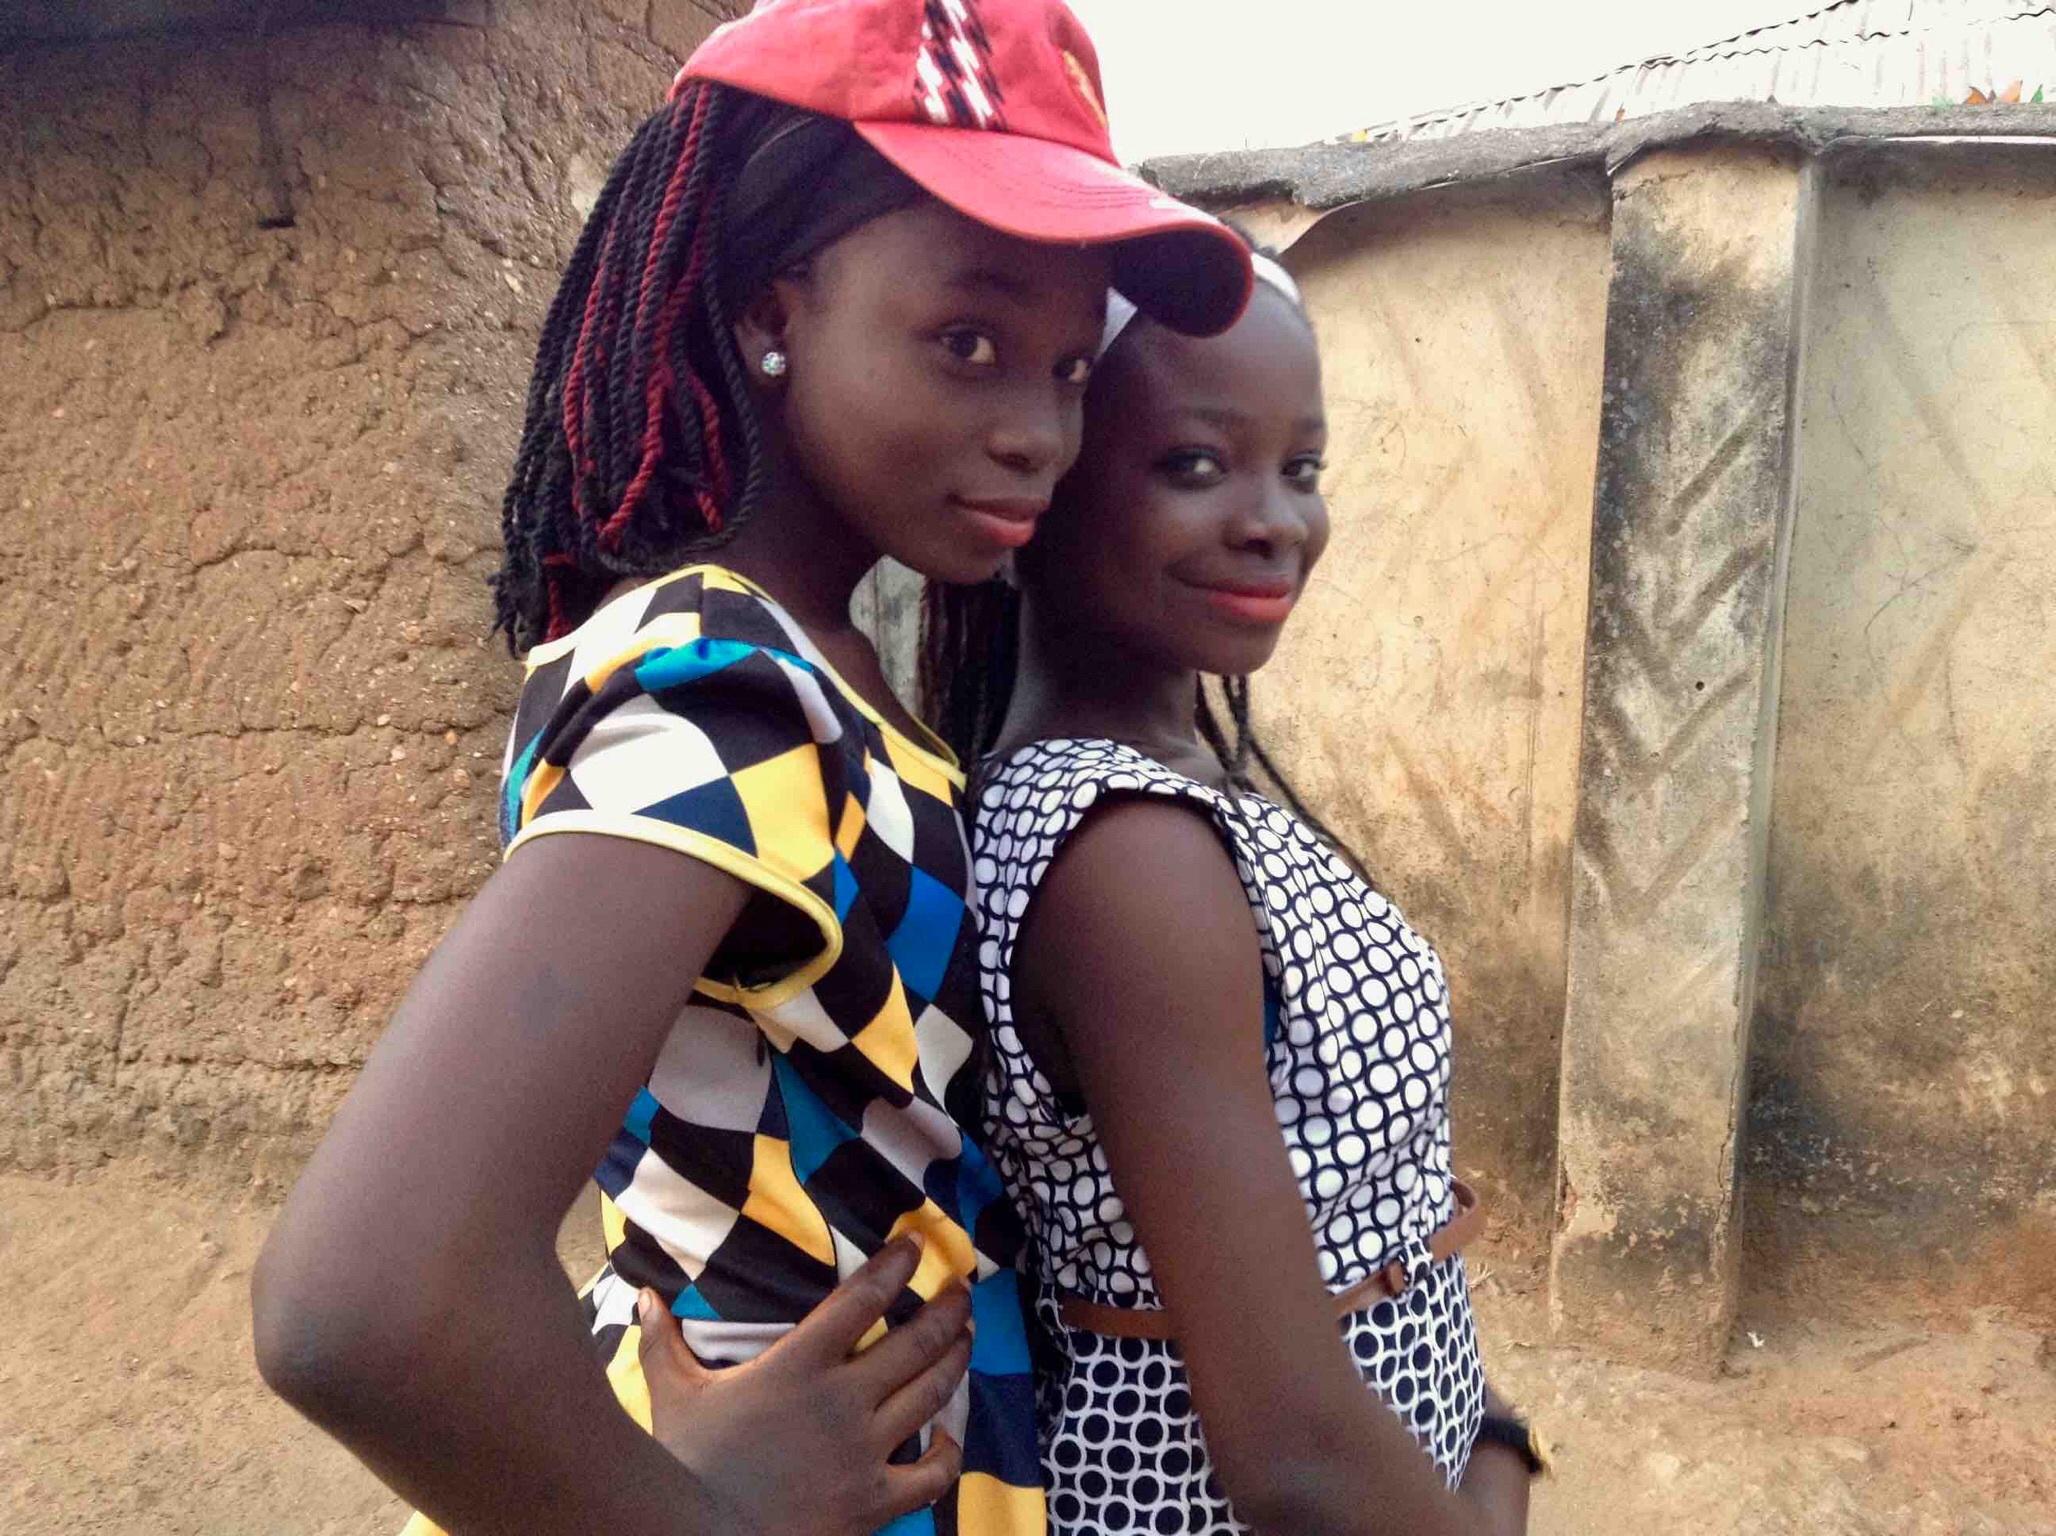 Eggon and Lendere (Wamba) girls, Langa Langa Village, Nasarawa State, Nigeria. #JujuFilms